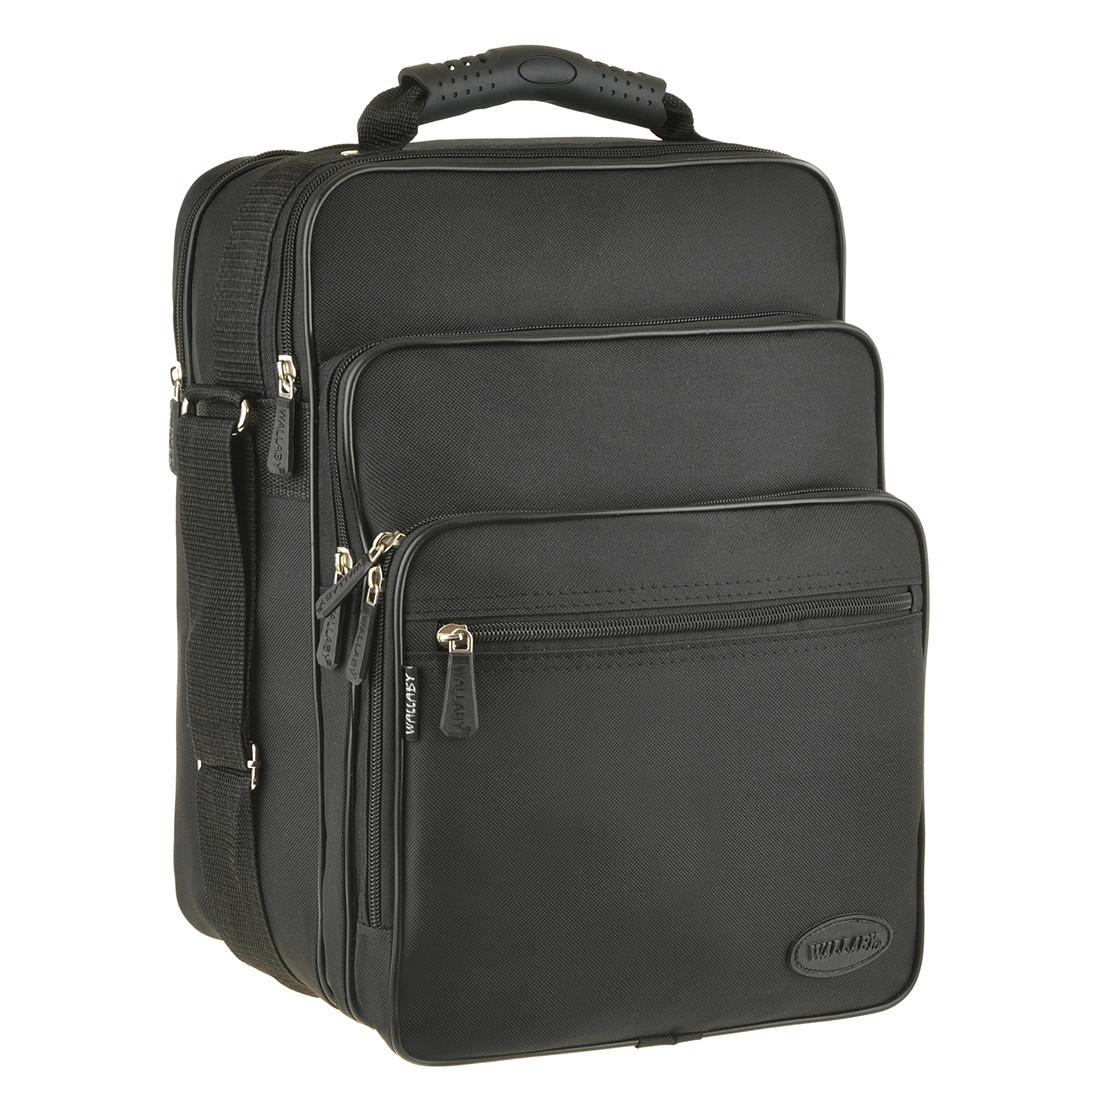 Мужская сумка Wallaby вертикальная 4 отделения резиновая ручка 26х35х20 ткань полиэстер    в 2281